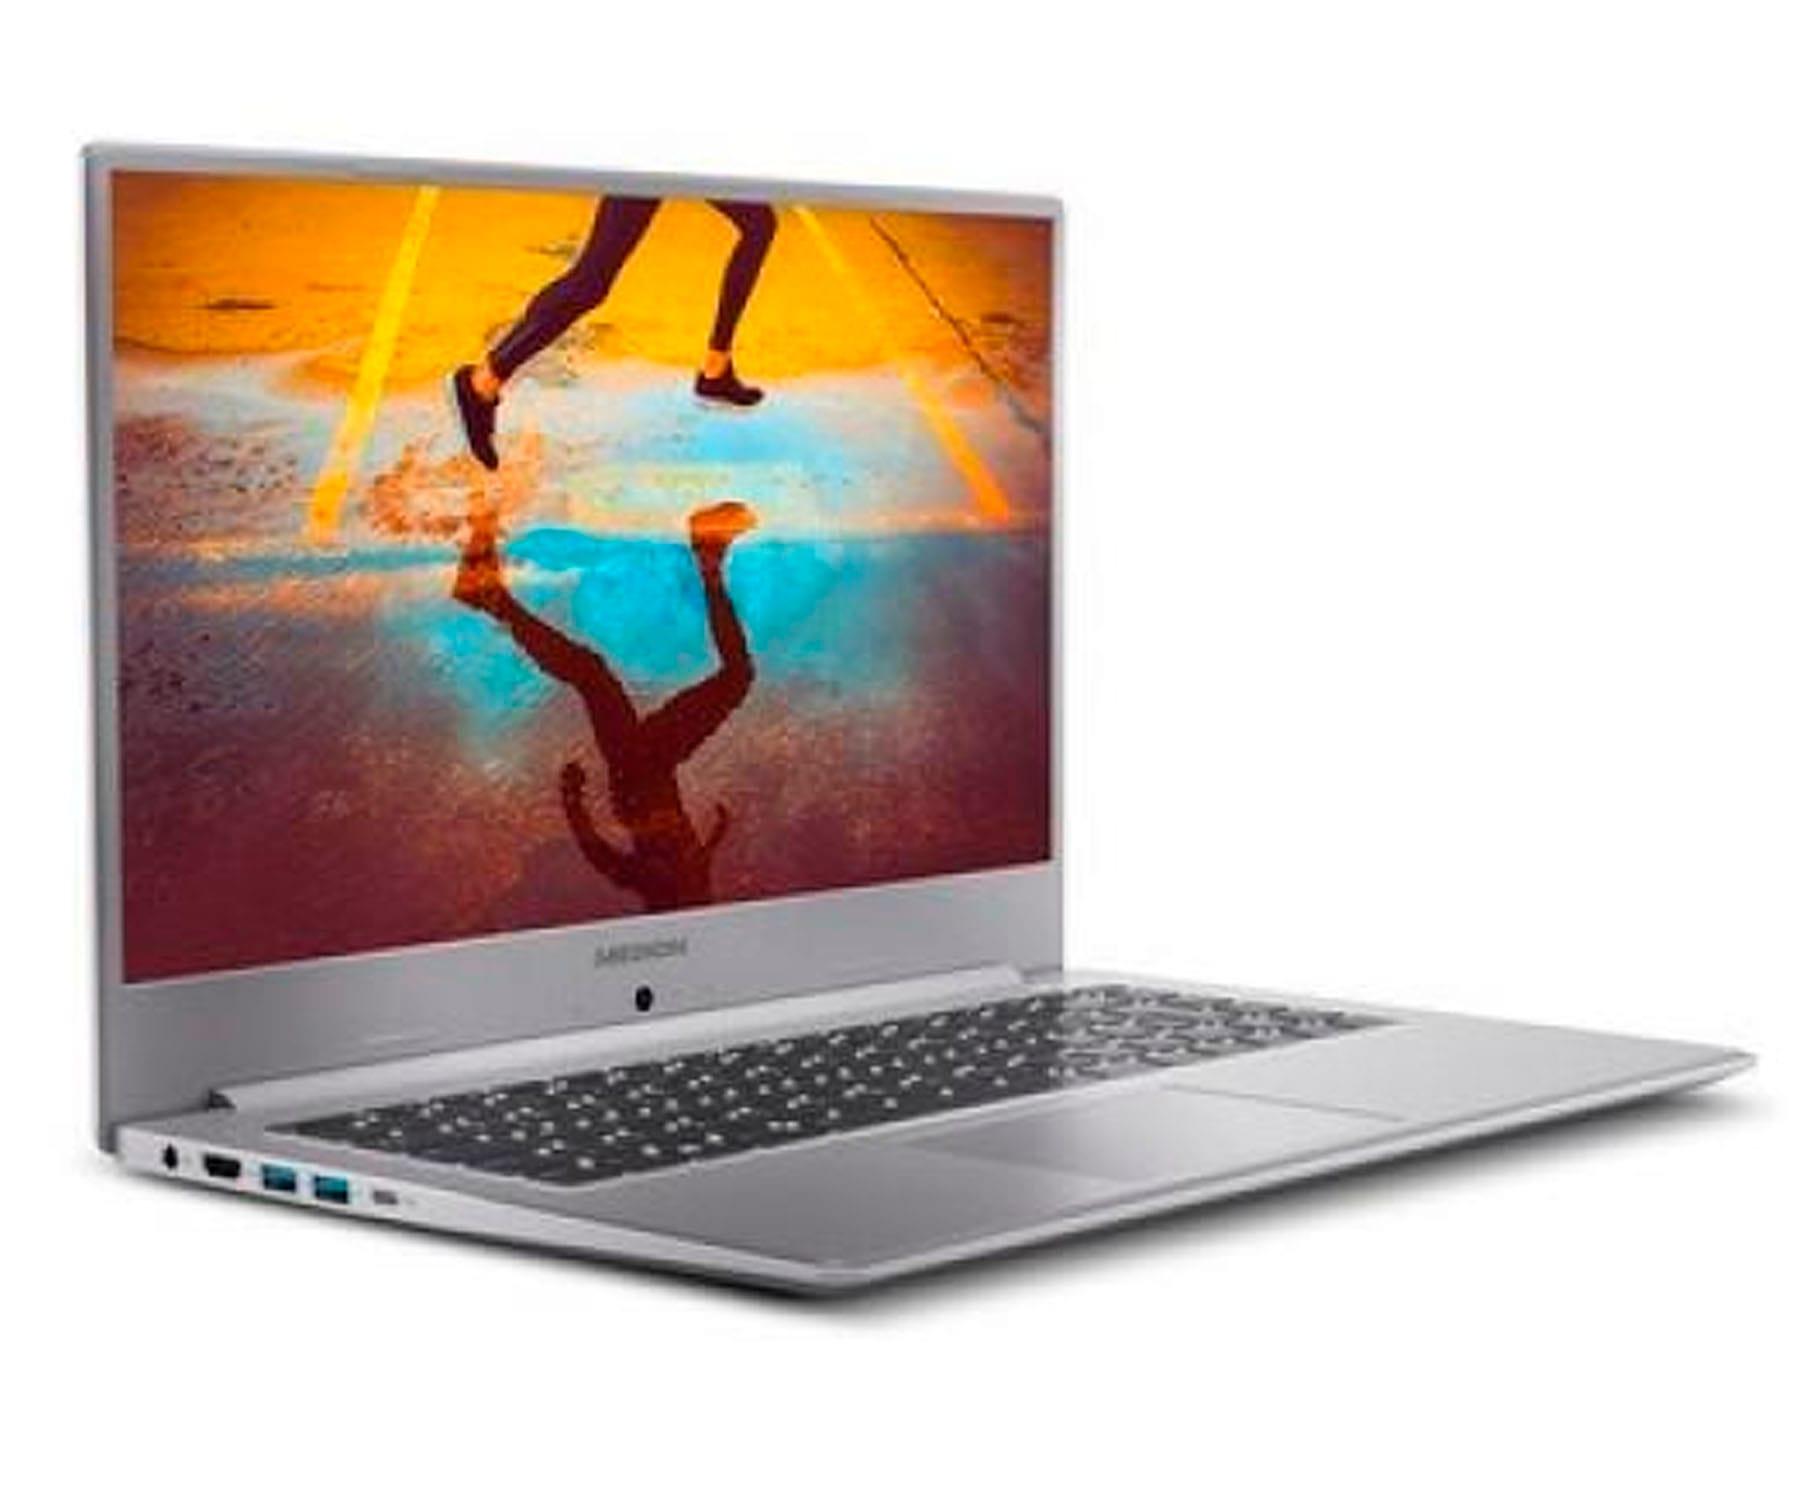 MEDION S15449 AKOYA PLATA PORTÁTIL 15.6'' FullHD i5-1135G7 512GB SSD 8GB RAM FREEDOS